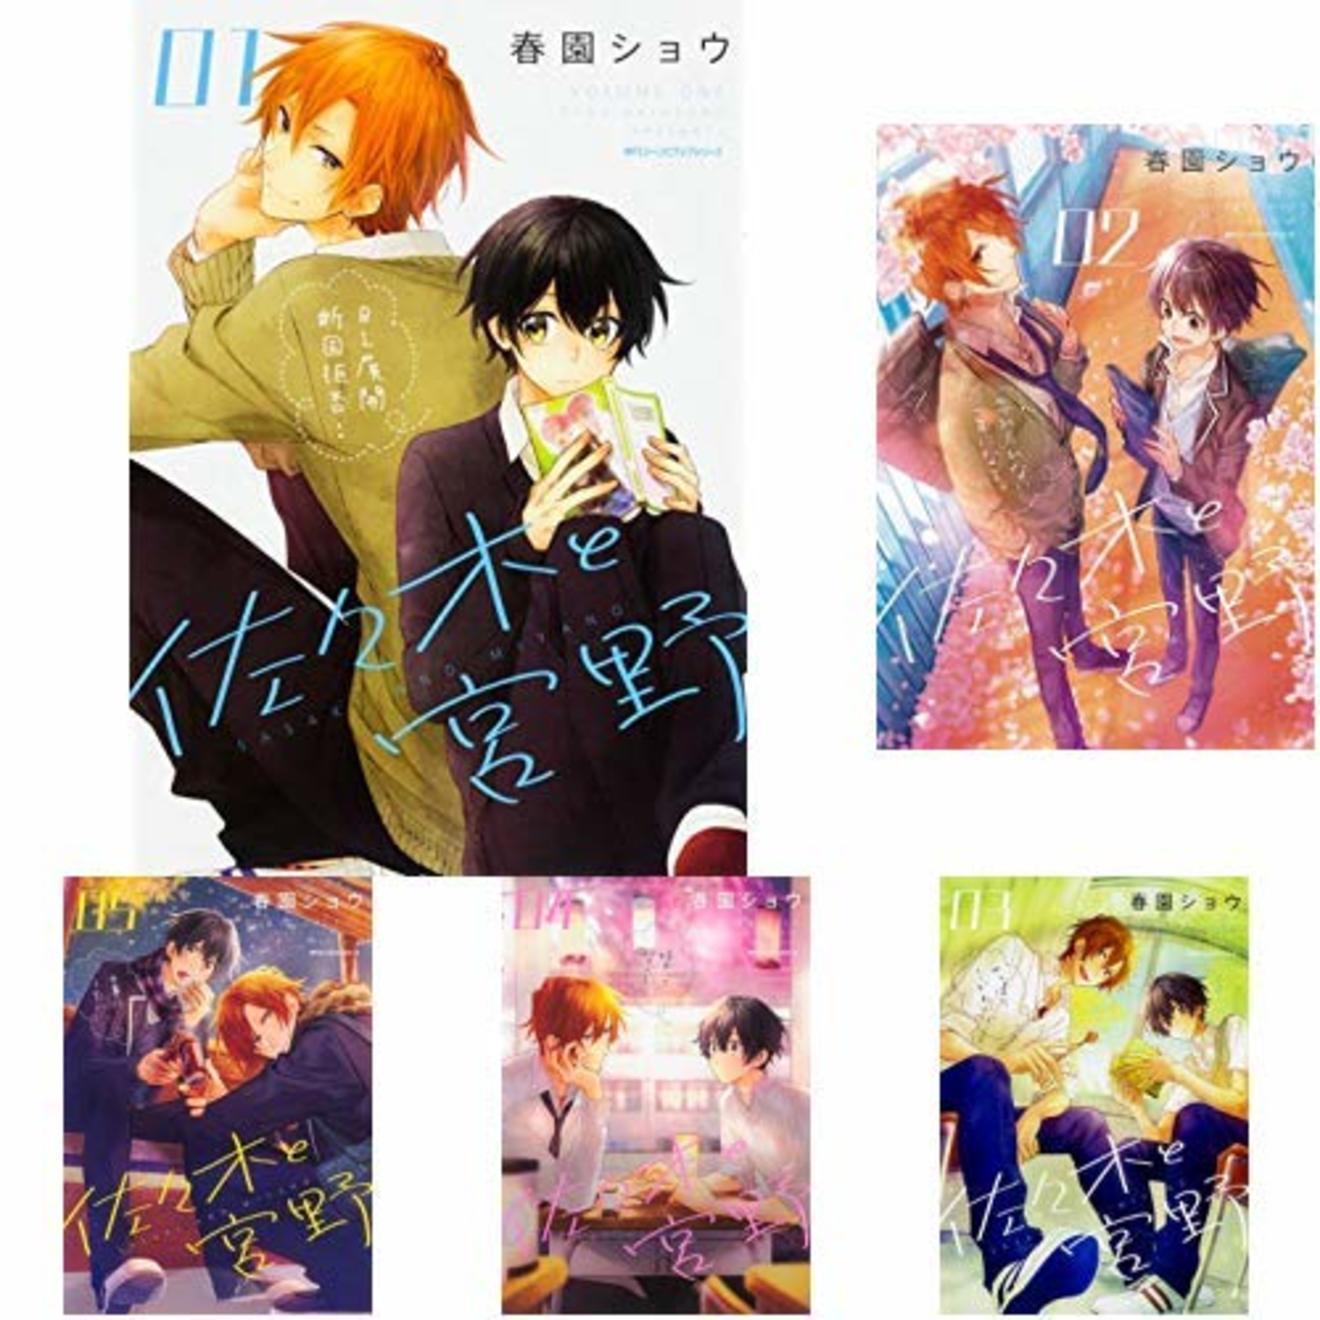 『佐々木と宮野』5巻までのほっこりな日常をネタバレ!無料で読めるゆるBL